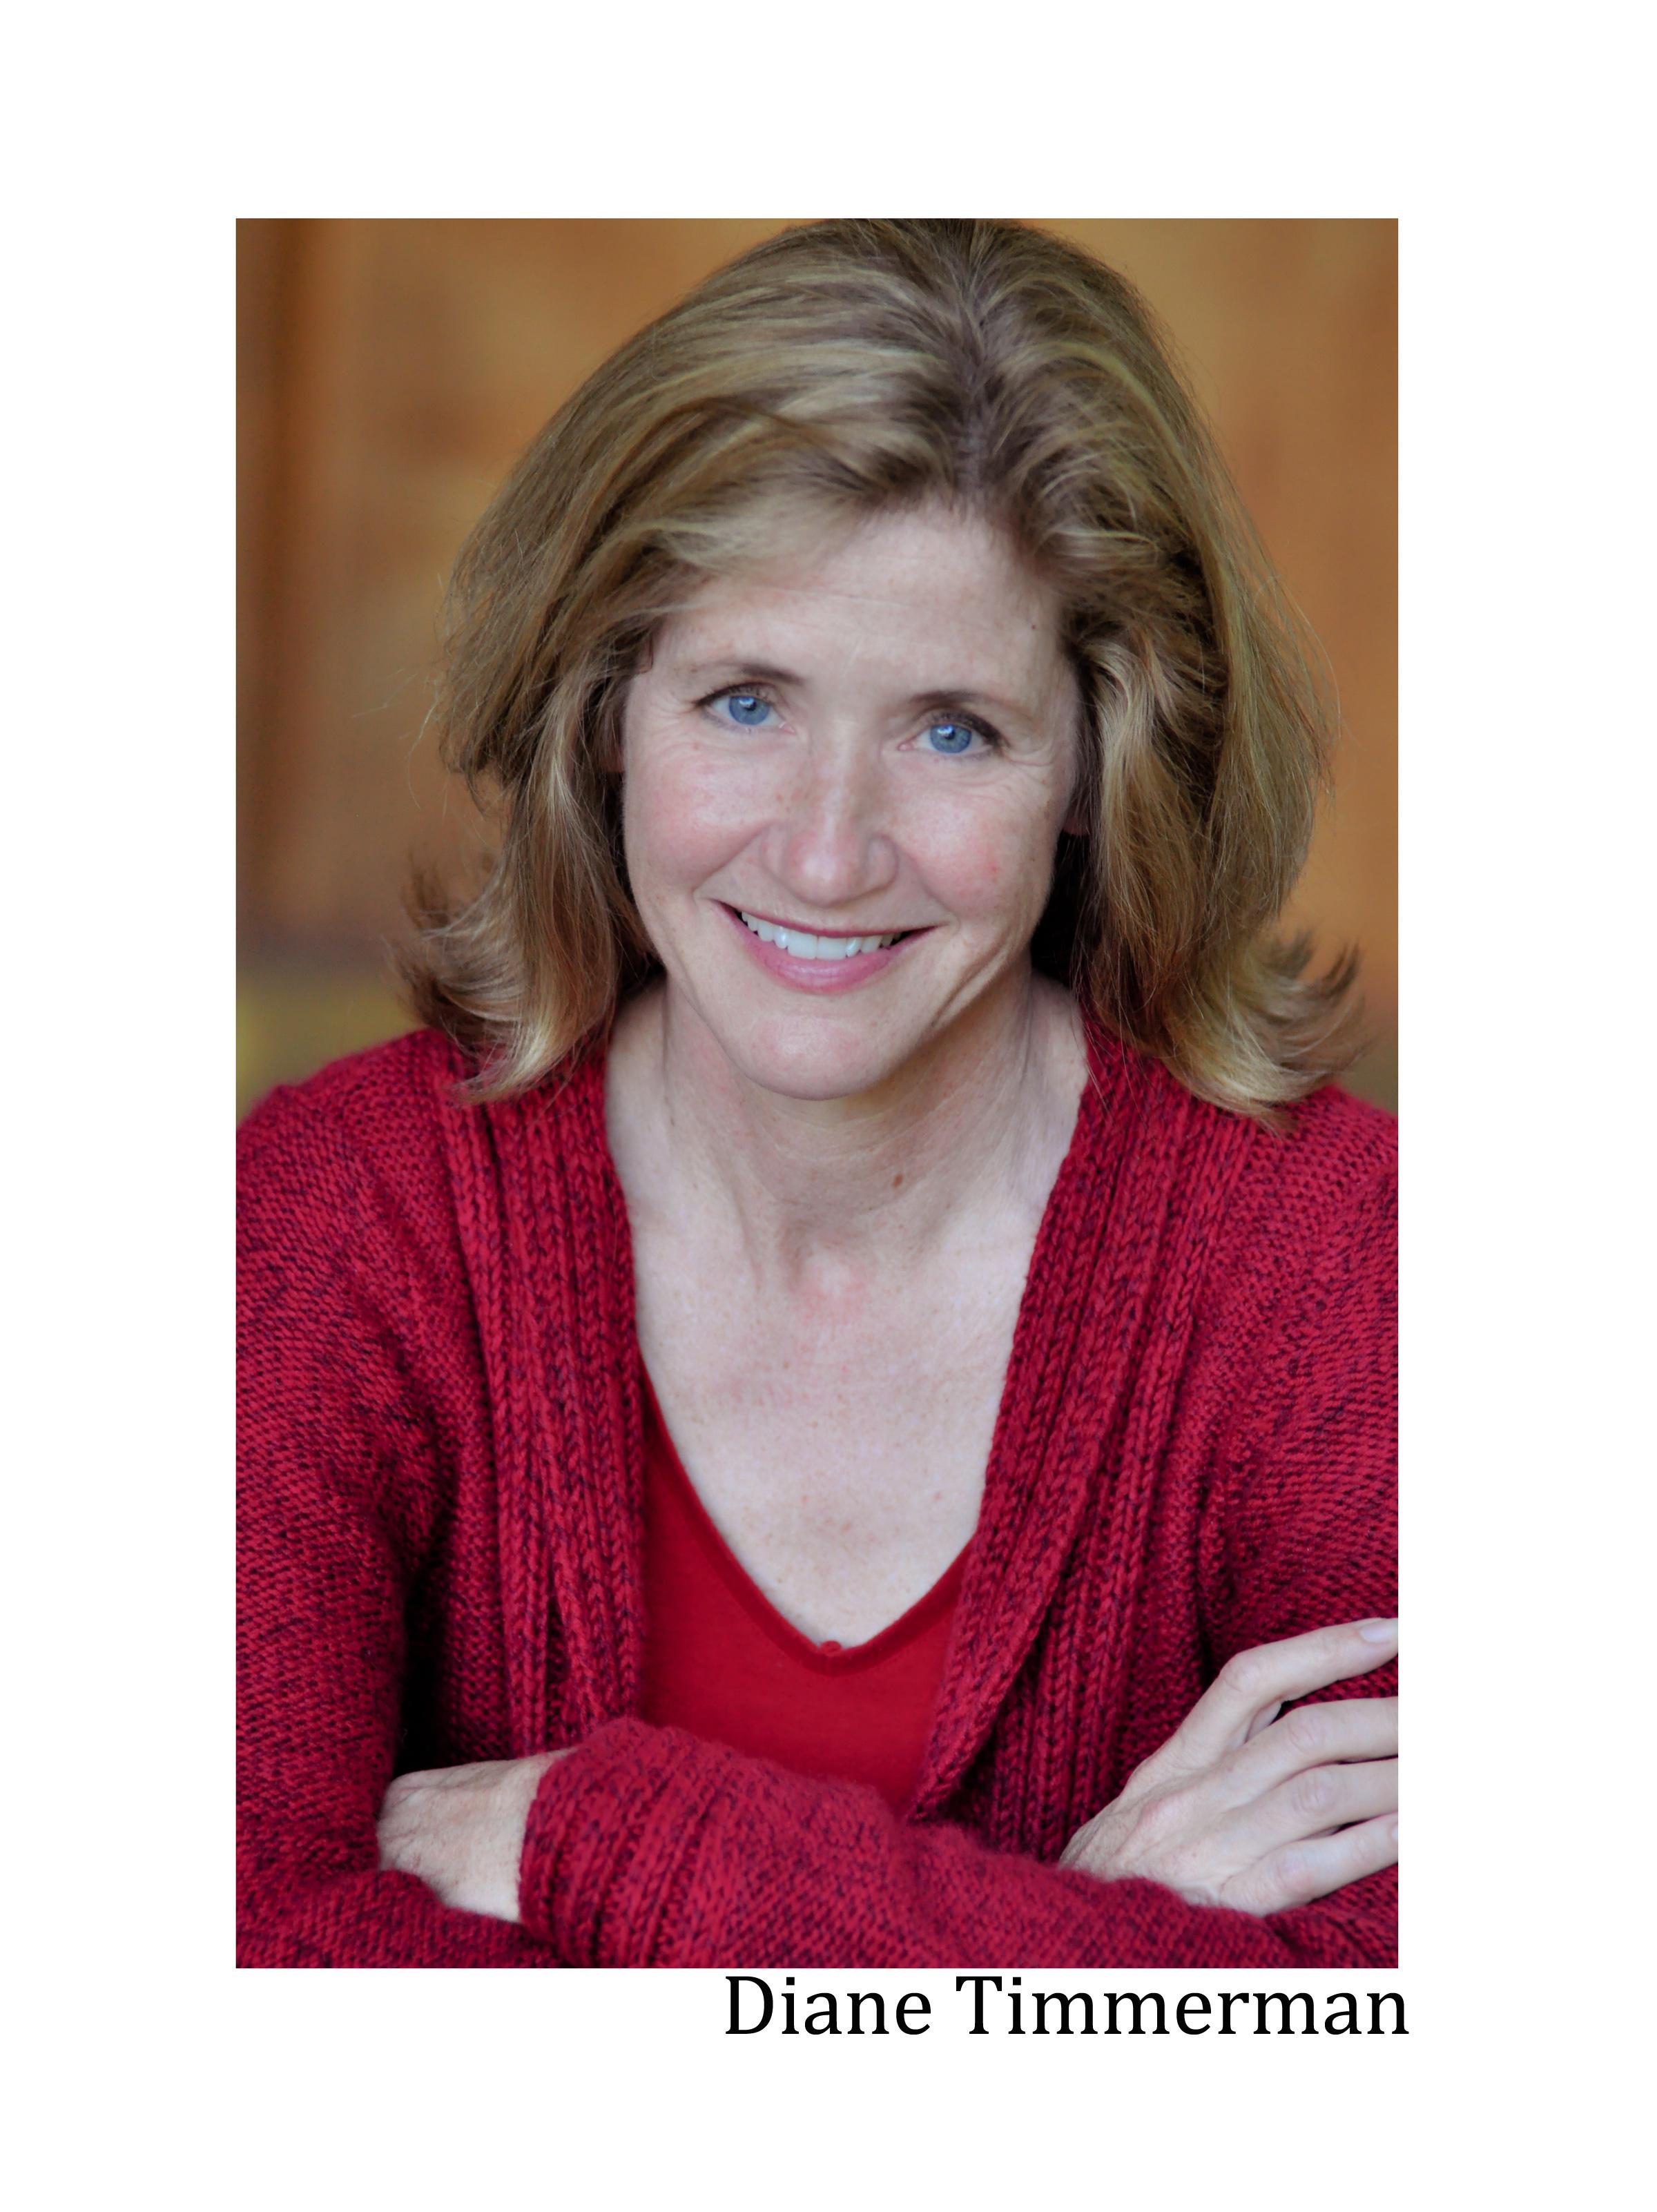 Diane Timmerman